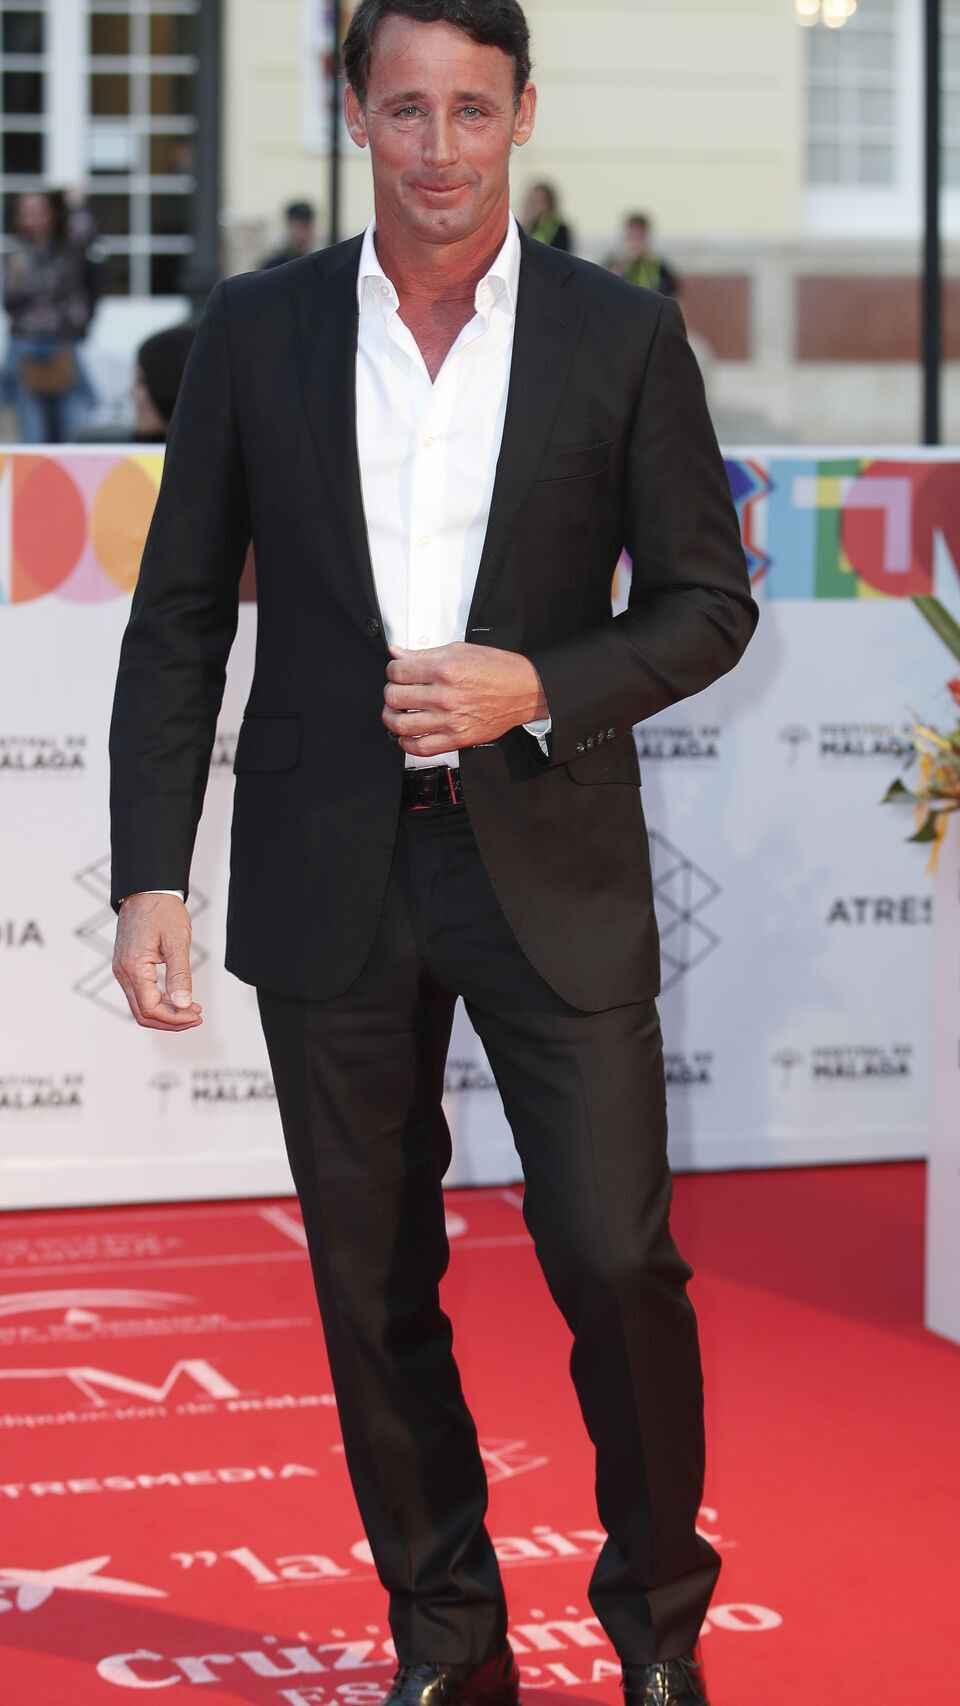 Álvaro Muñoz Escassi en la alfombra roja del Festival de Cine de Málaga 2019.